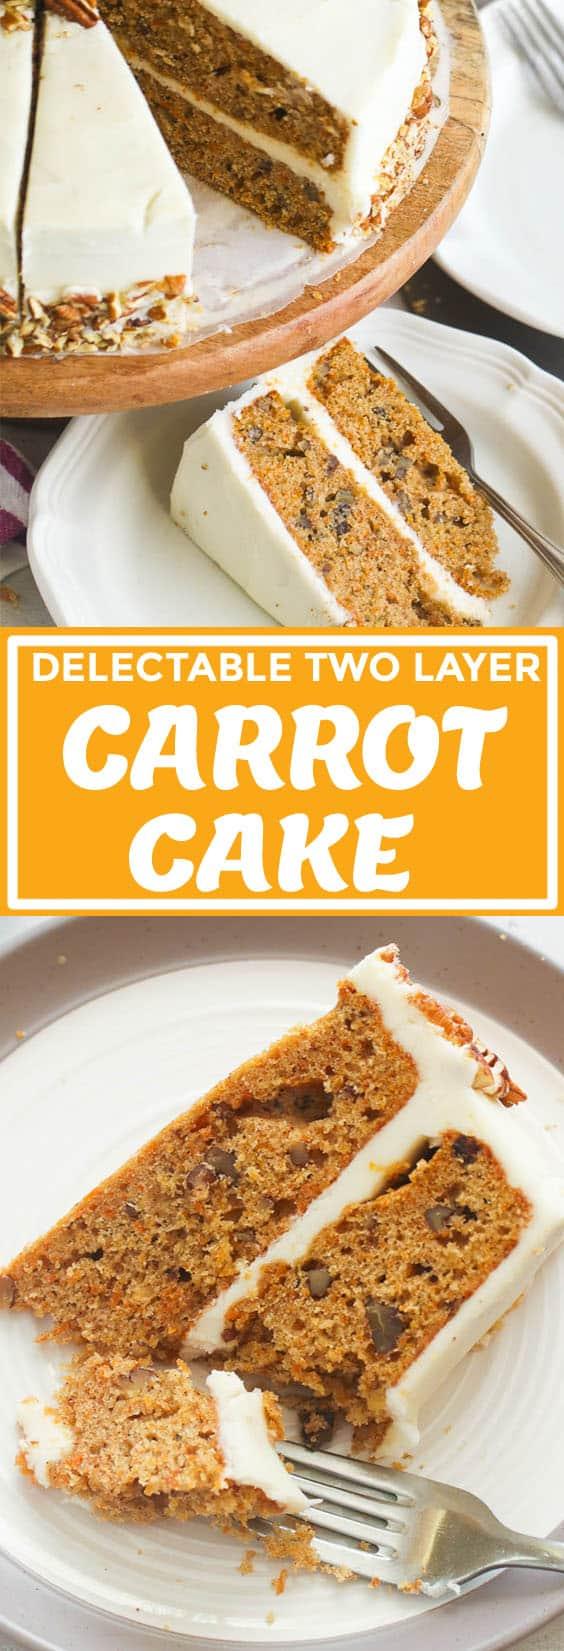 Caarot Cake